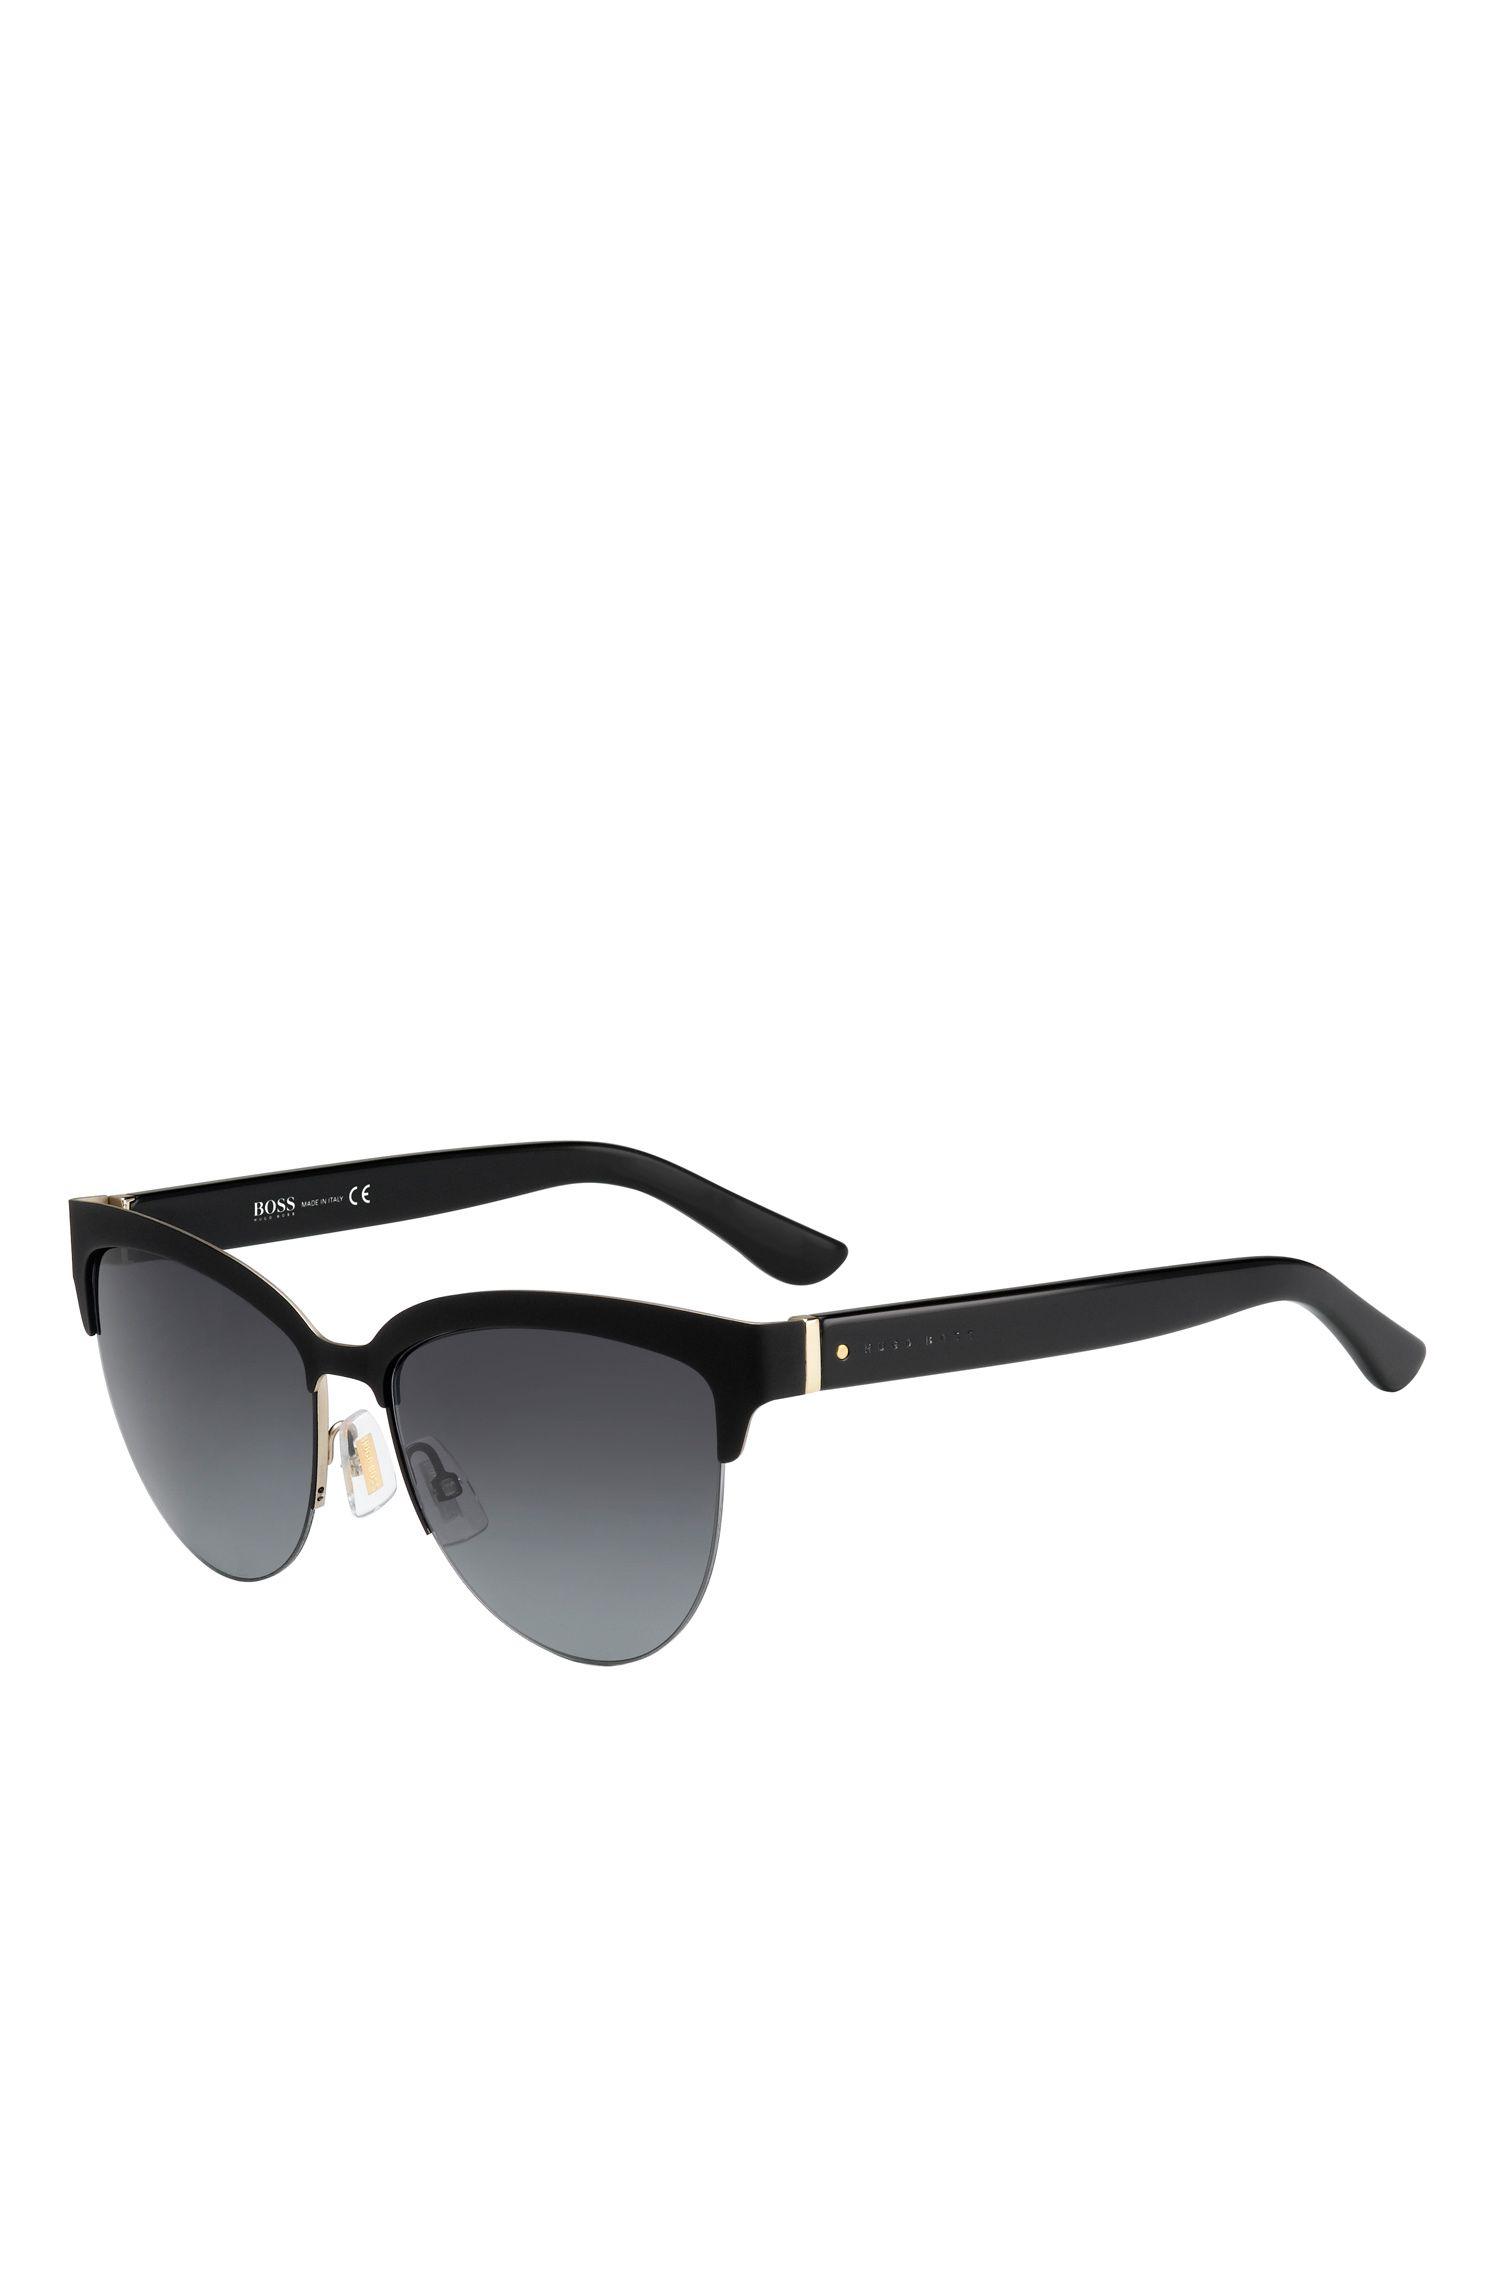 Black Lenses Half-Frame Cateye Sunglasses   BOSS 678S